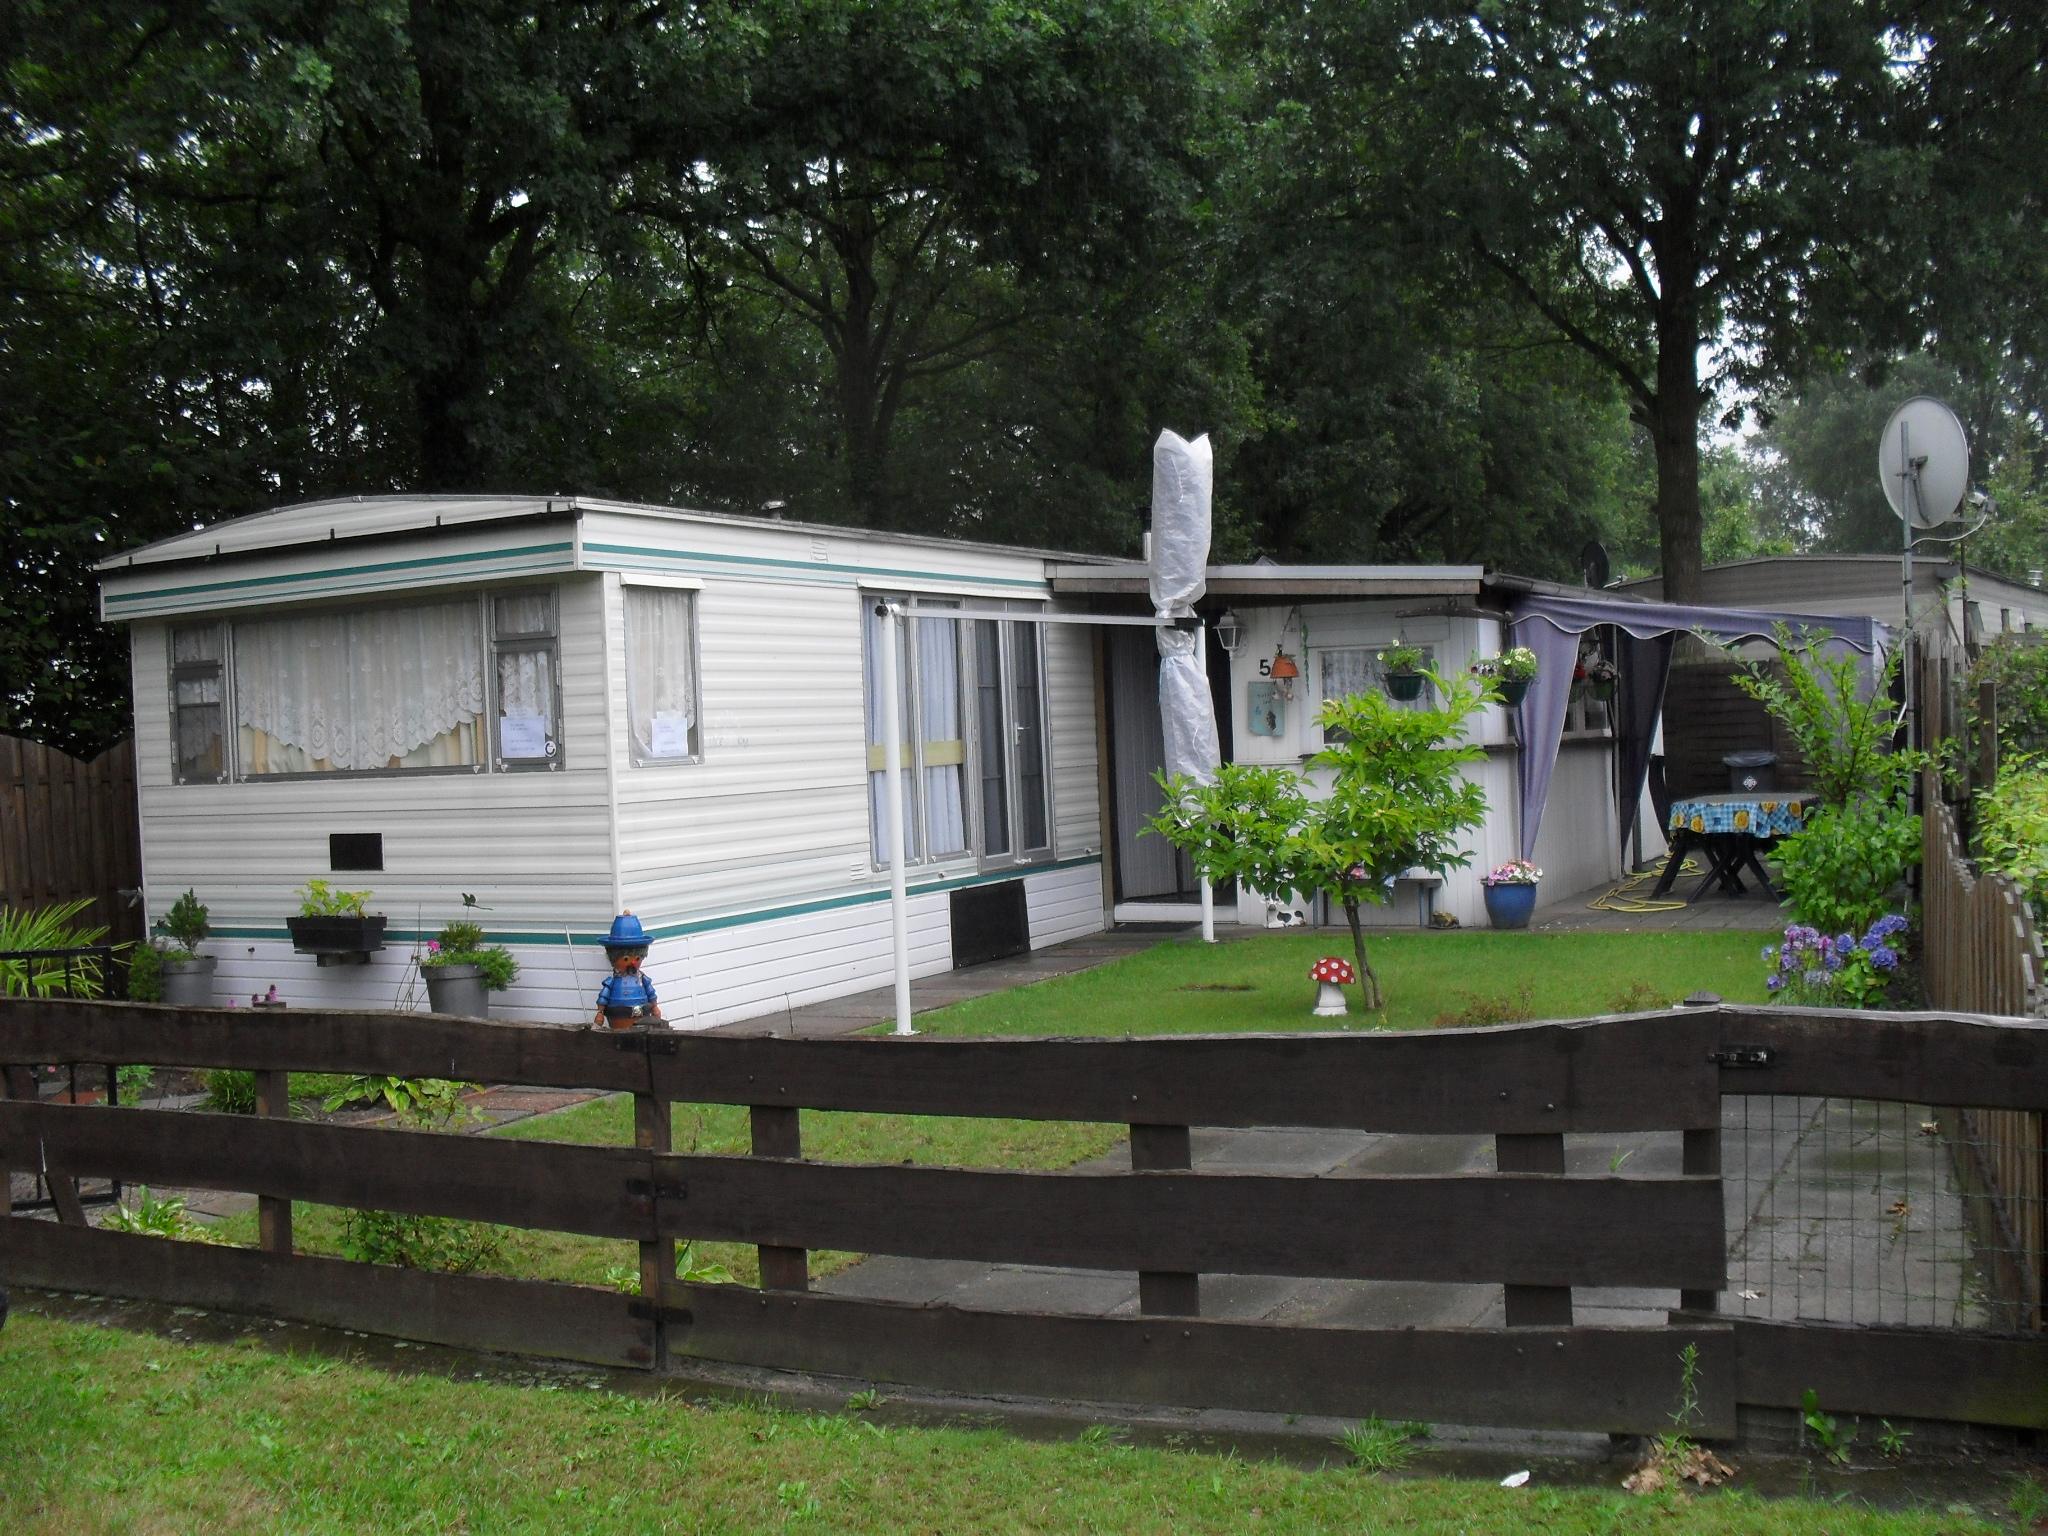 camping kleinanzeigen in m nchengladbach seite 2. Black Bedroom Furniture Sets. Home Design Ideas